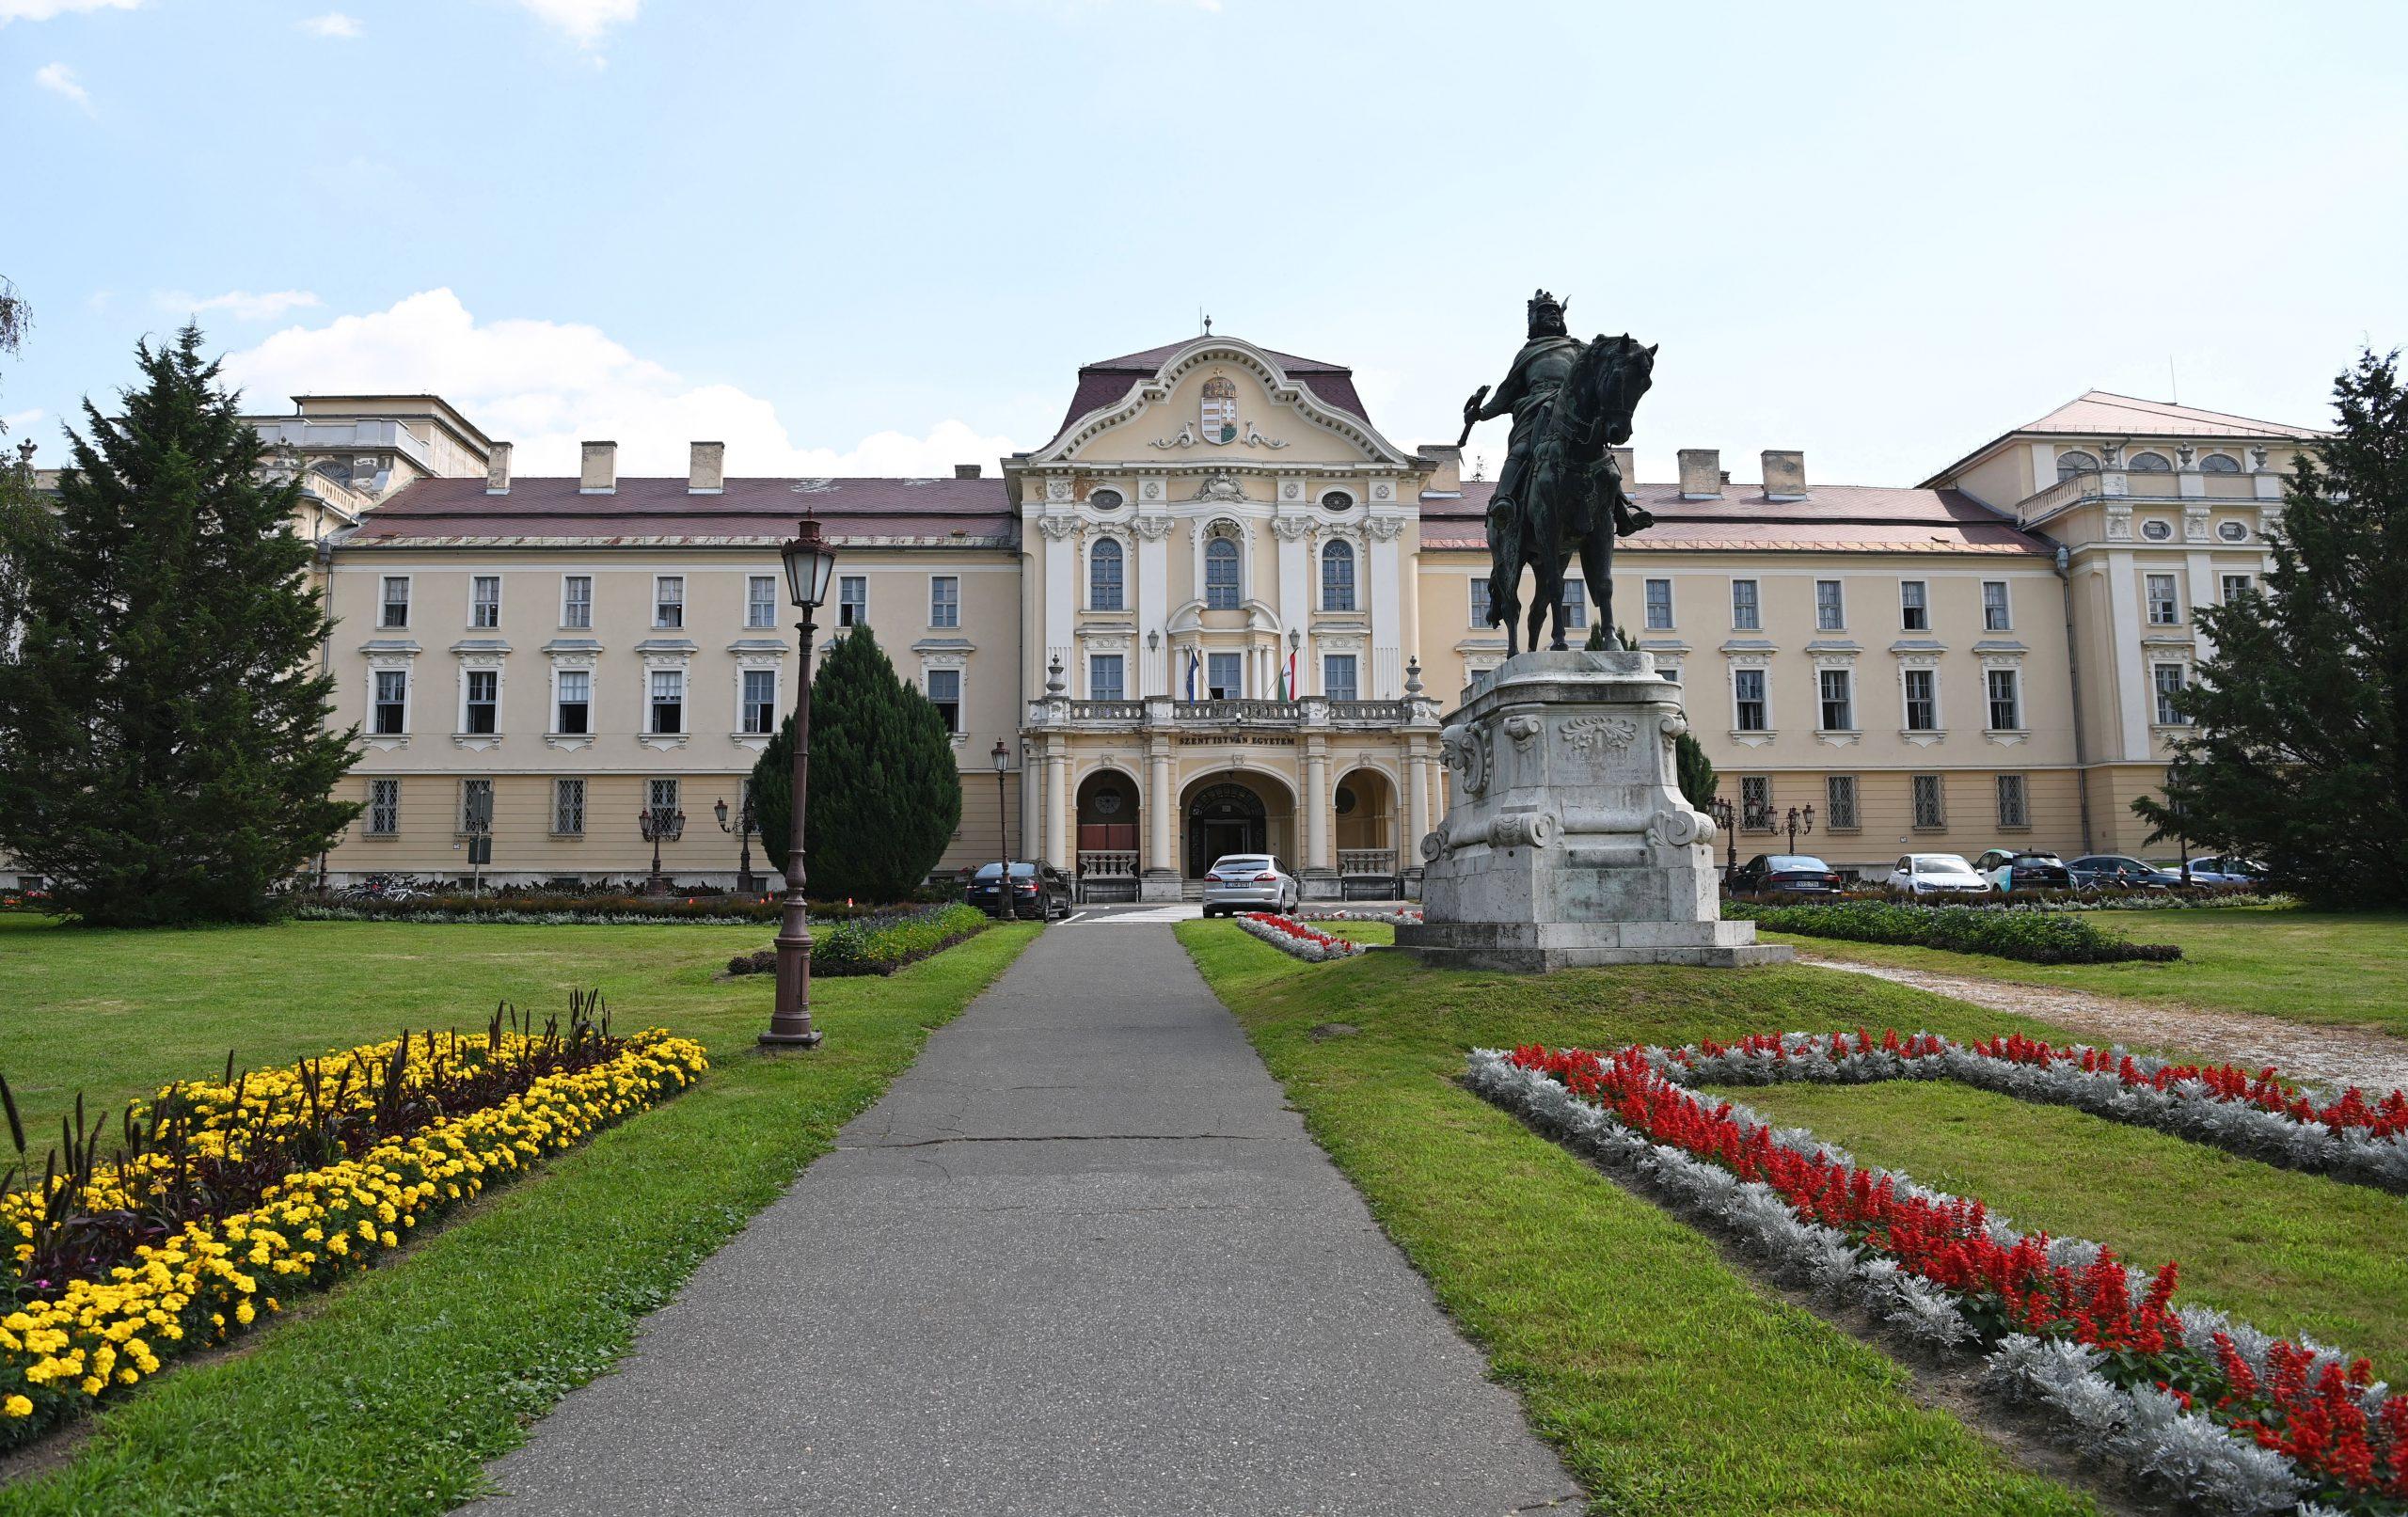 Landwirtschaftliche Universität wird von einer Stiftung betrieben